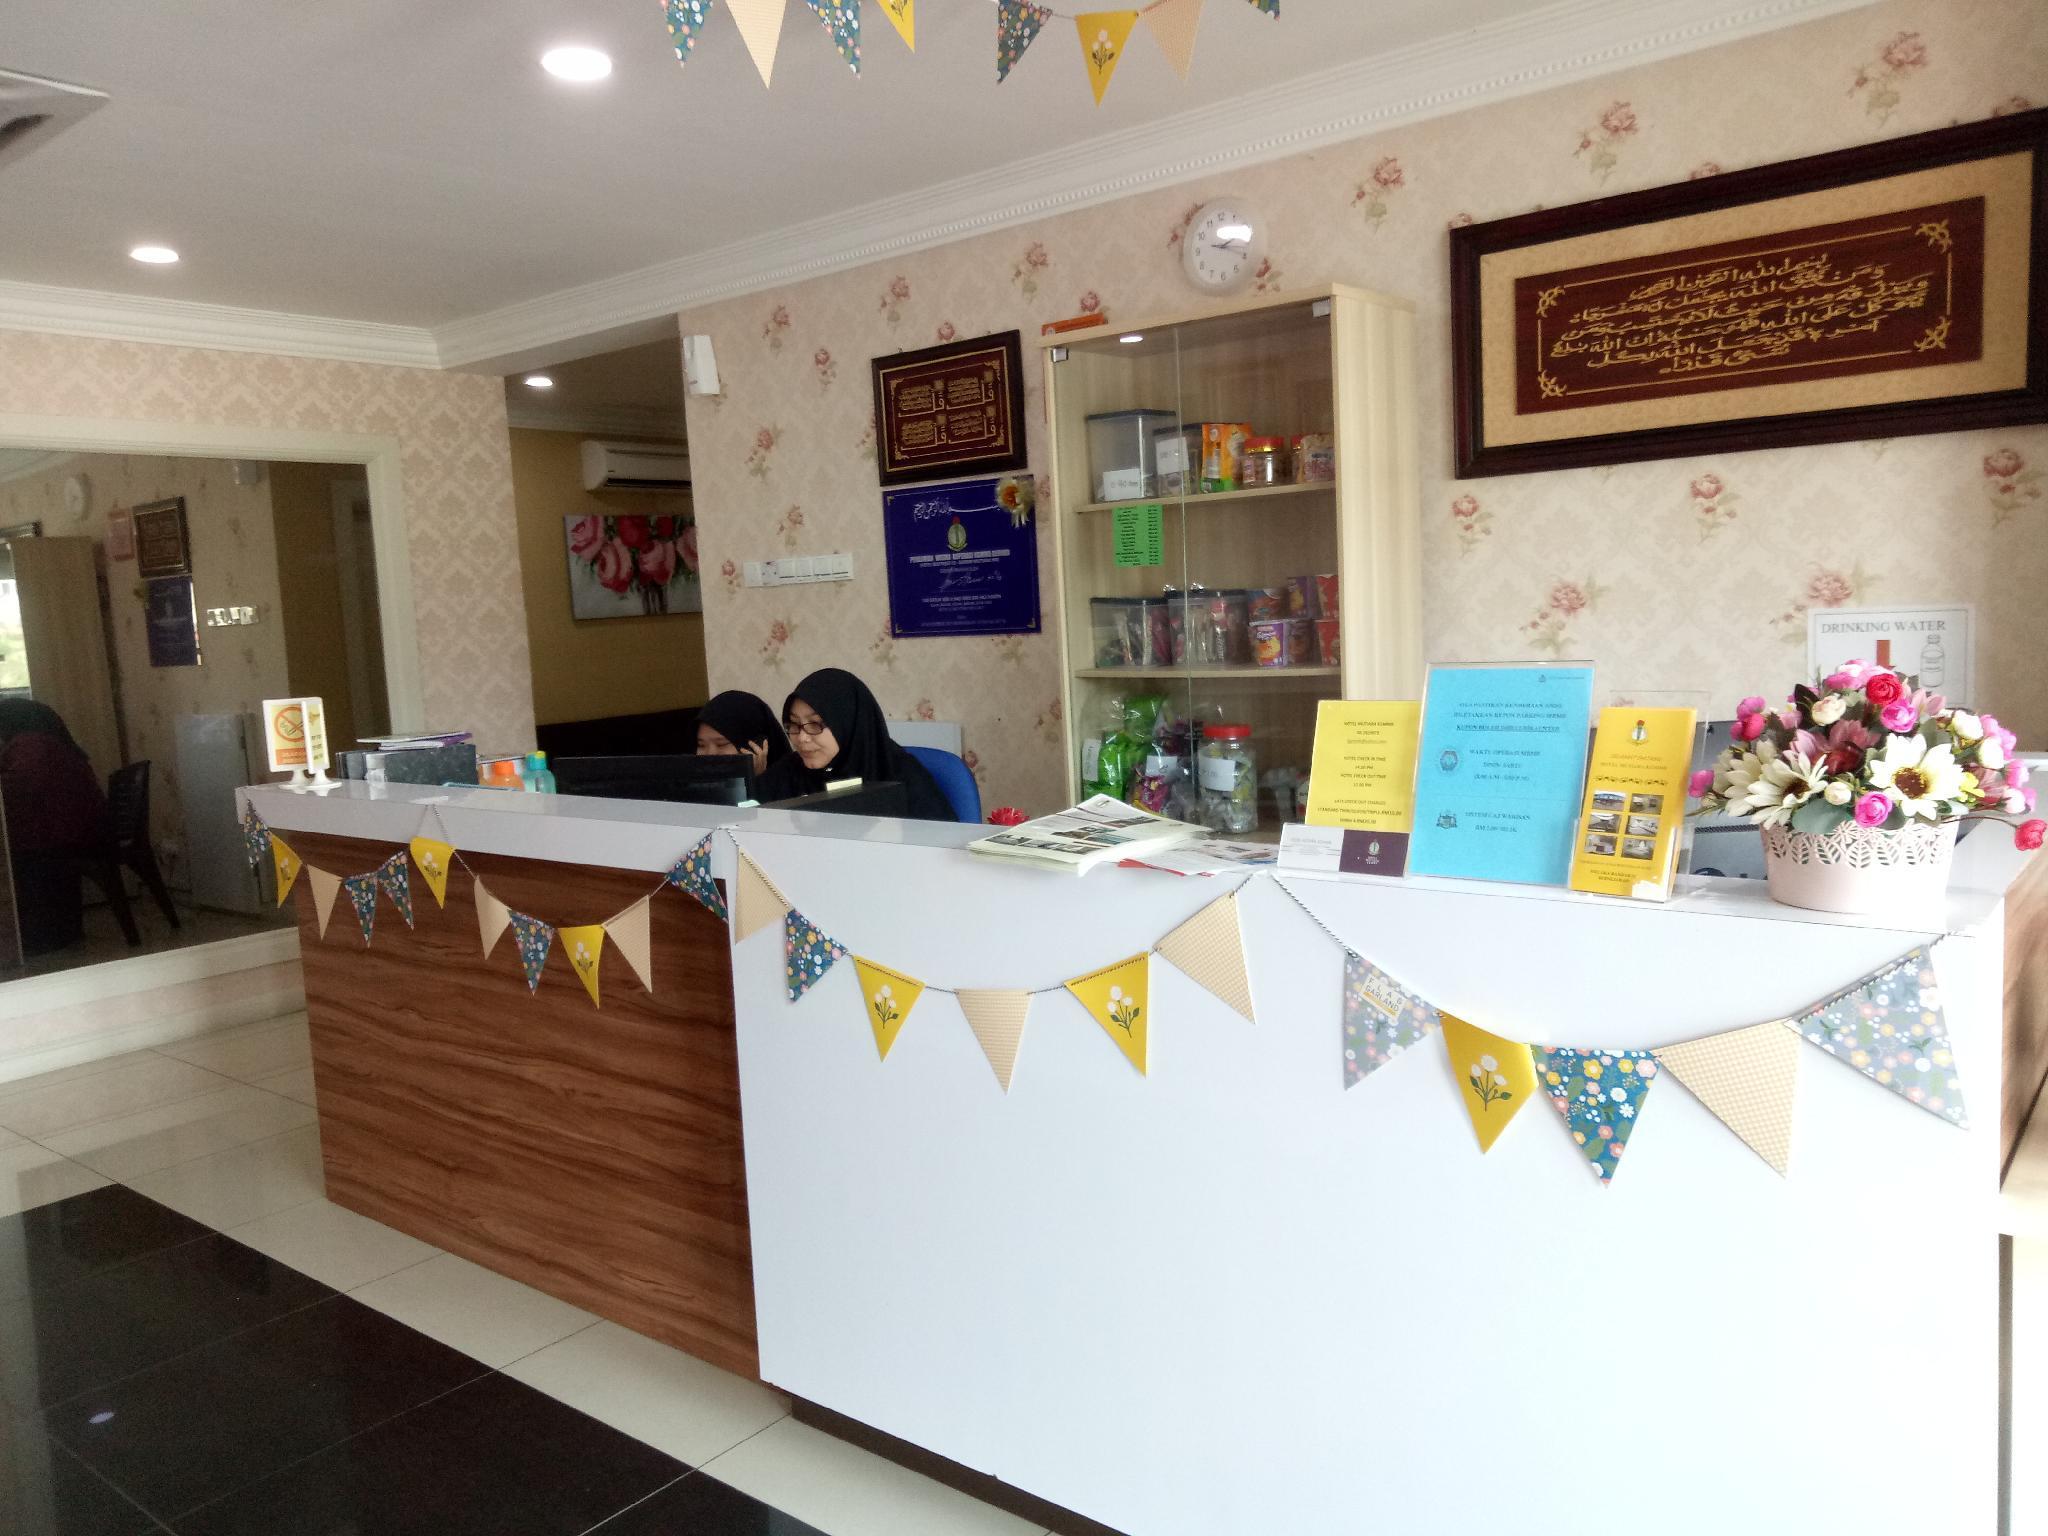 Hotel Mutiara Kgmmb Melaka Tengah Malacca Mulai Dari Rp